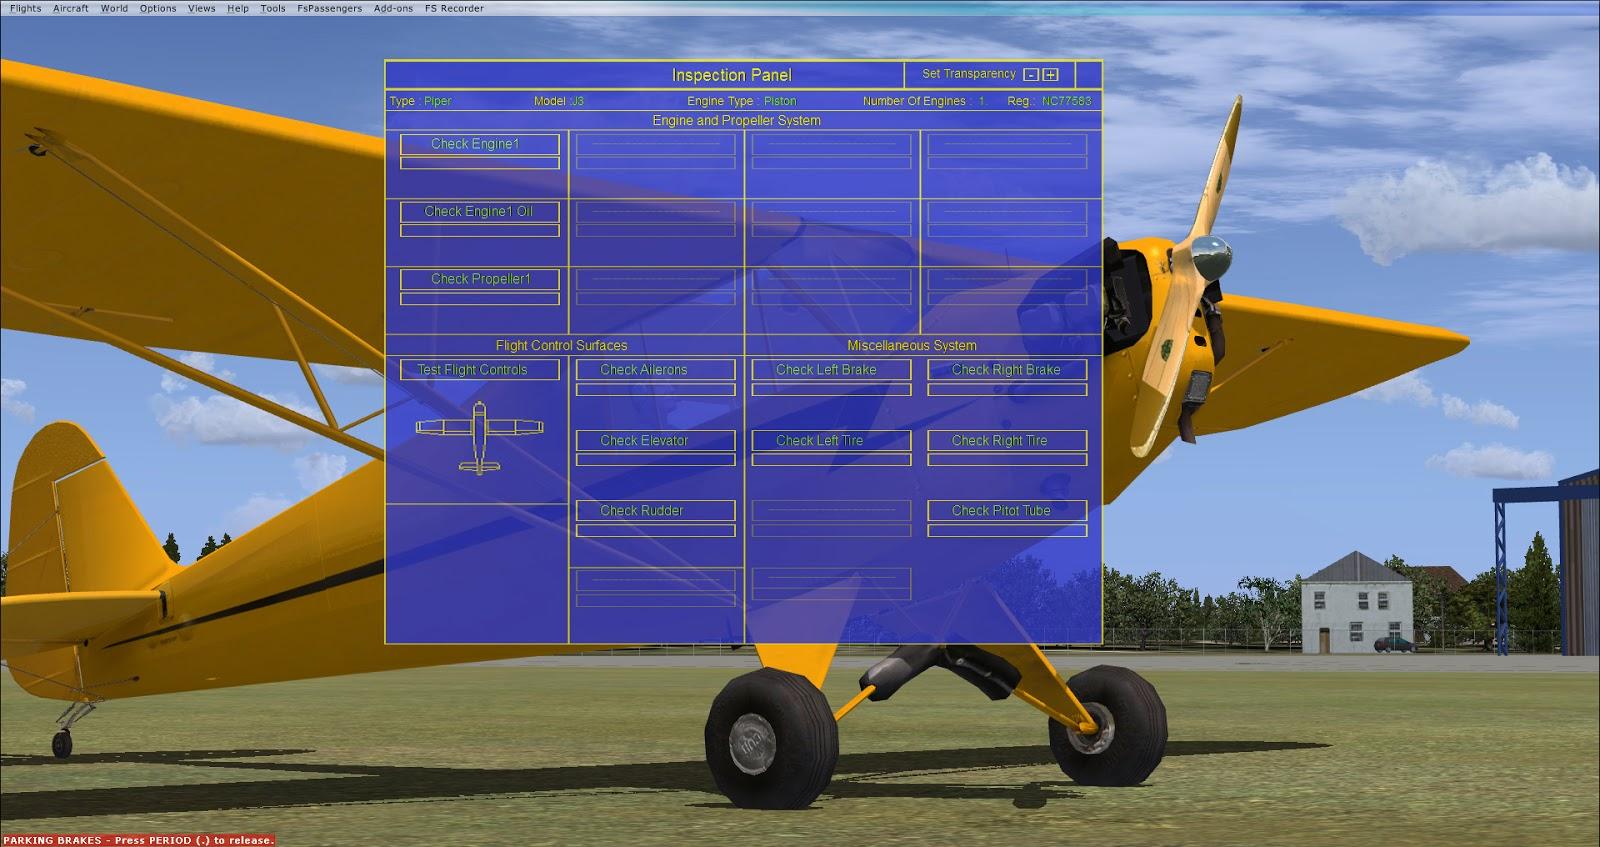 FSX Aircraft Inspection Mod